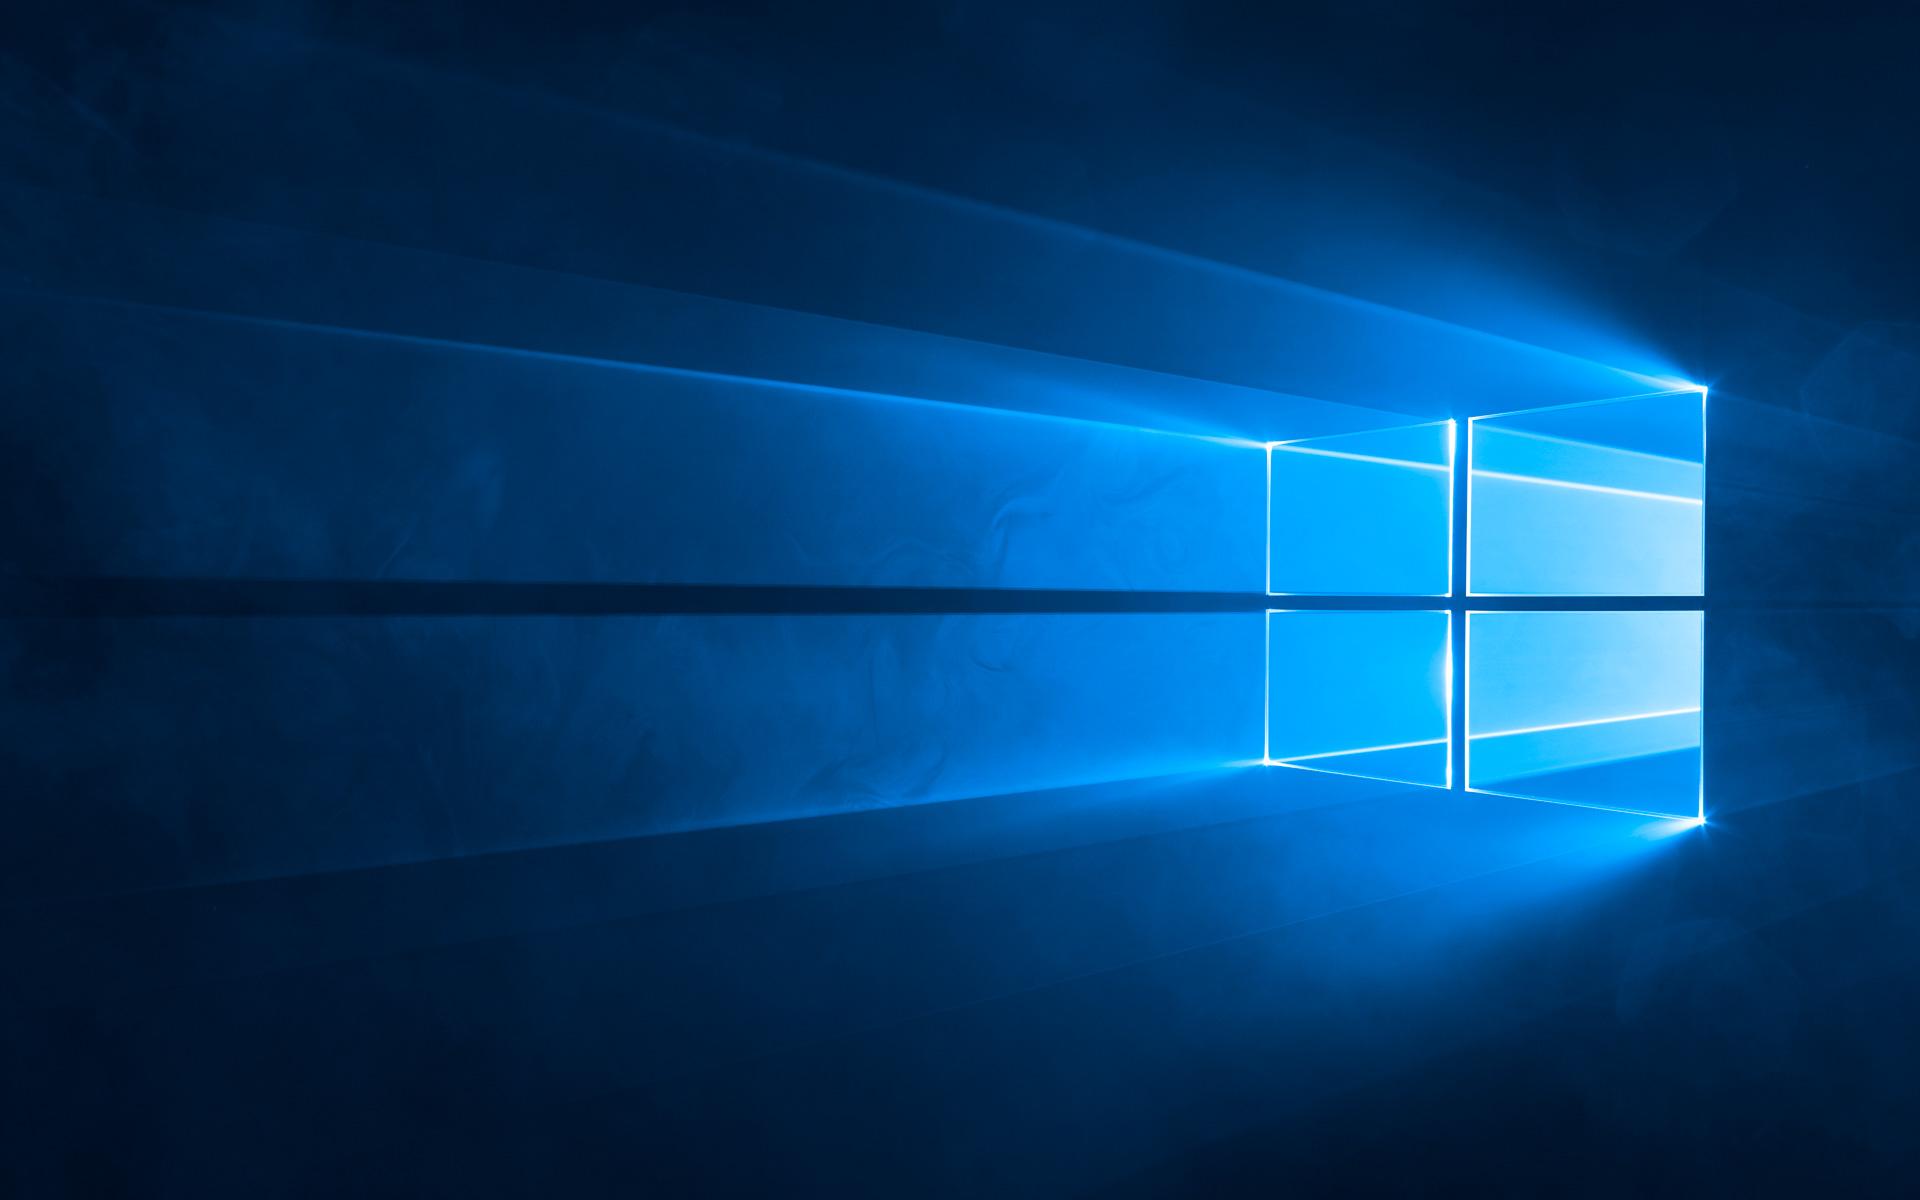 调查数据显示有12%的用户升级Windows 10后进行了回滚